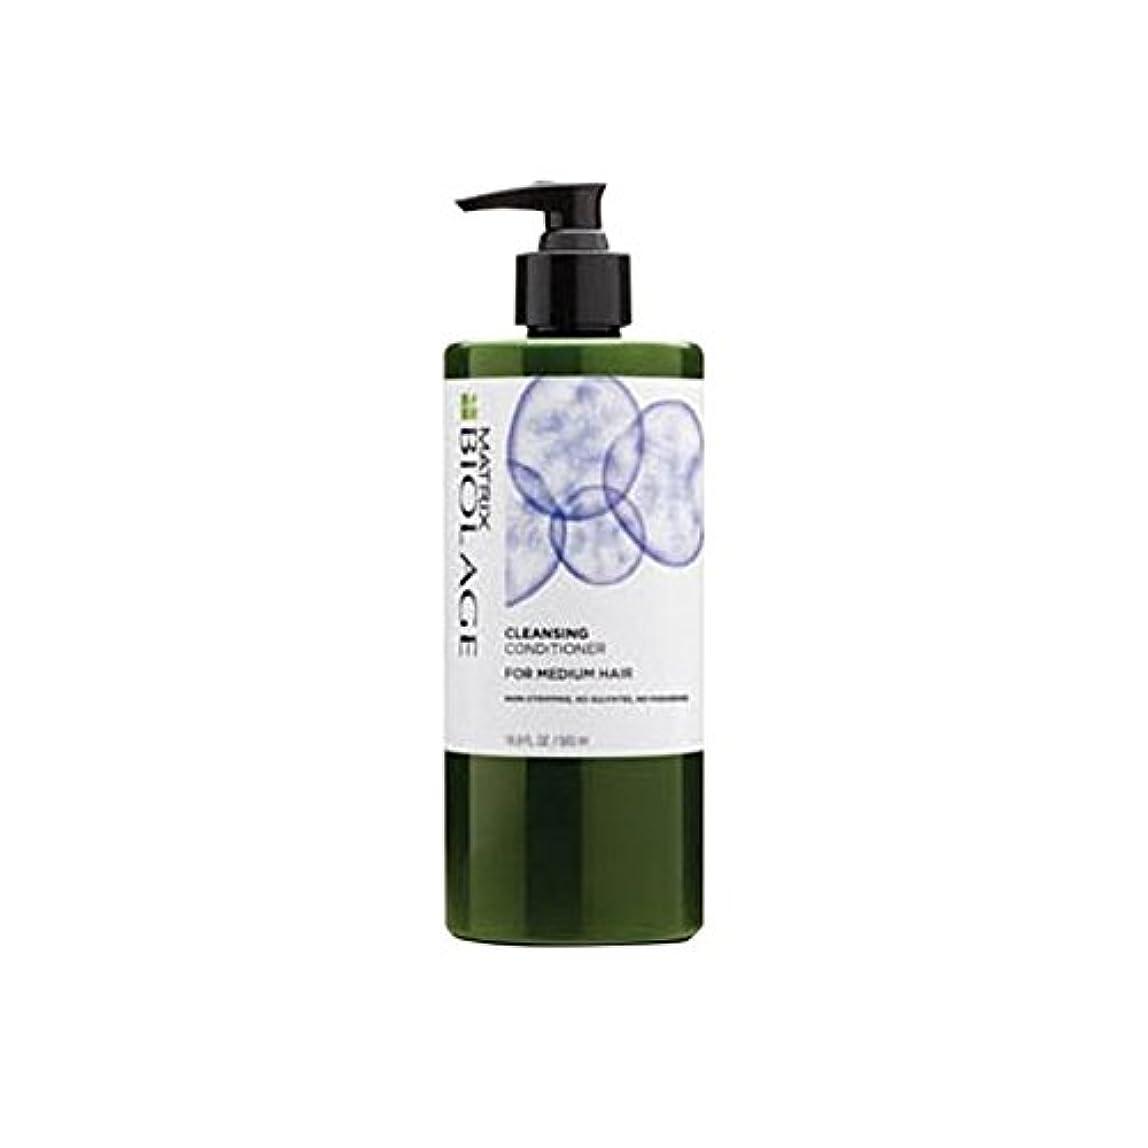 ビーズアンプ割り当てますマトリックスバイオレイジクレンジングコンディショナー - メディア髪(500ミリリットル) x4 - Matrix Biolage Cleansing Conditioner - Medium Hair (500ml)...